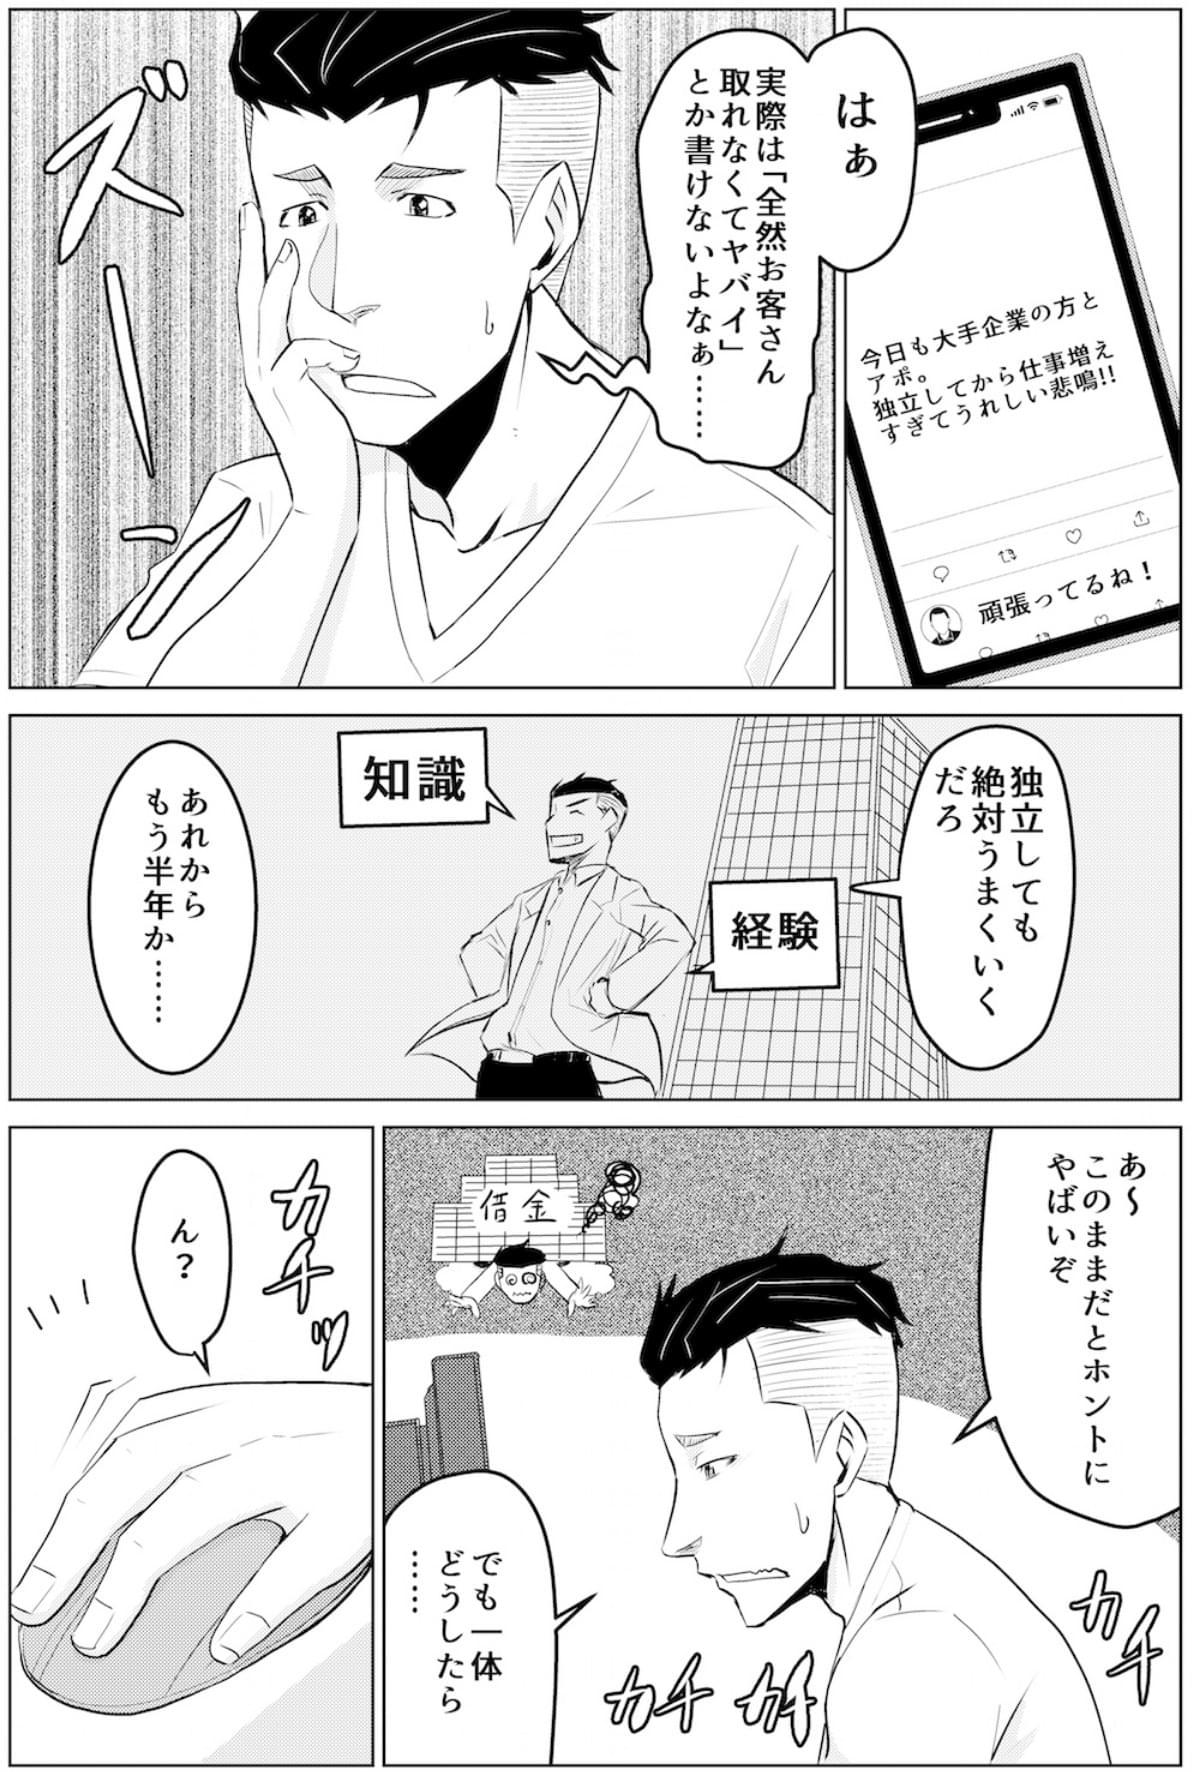 チャレンジャーズ漫画_001